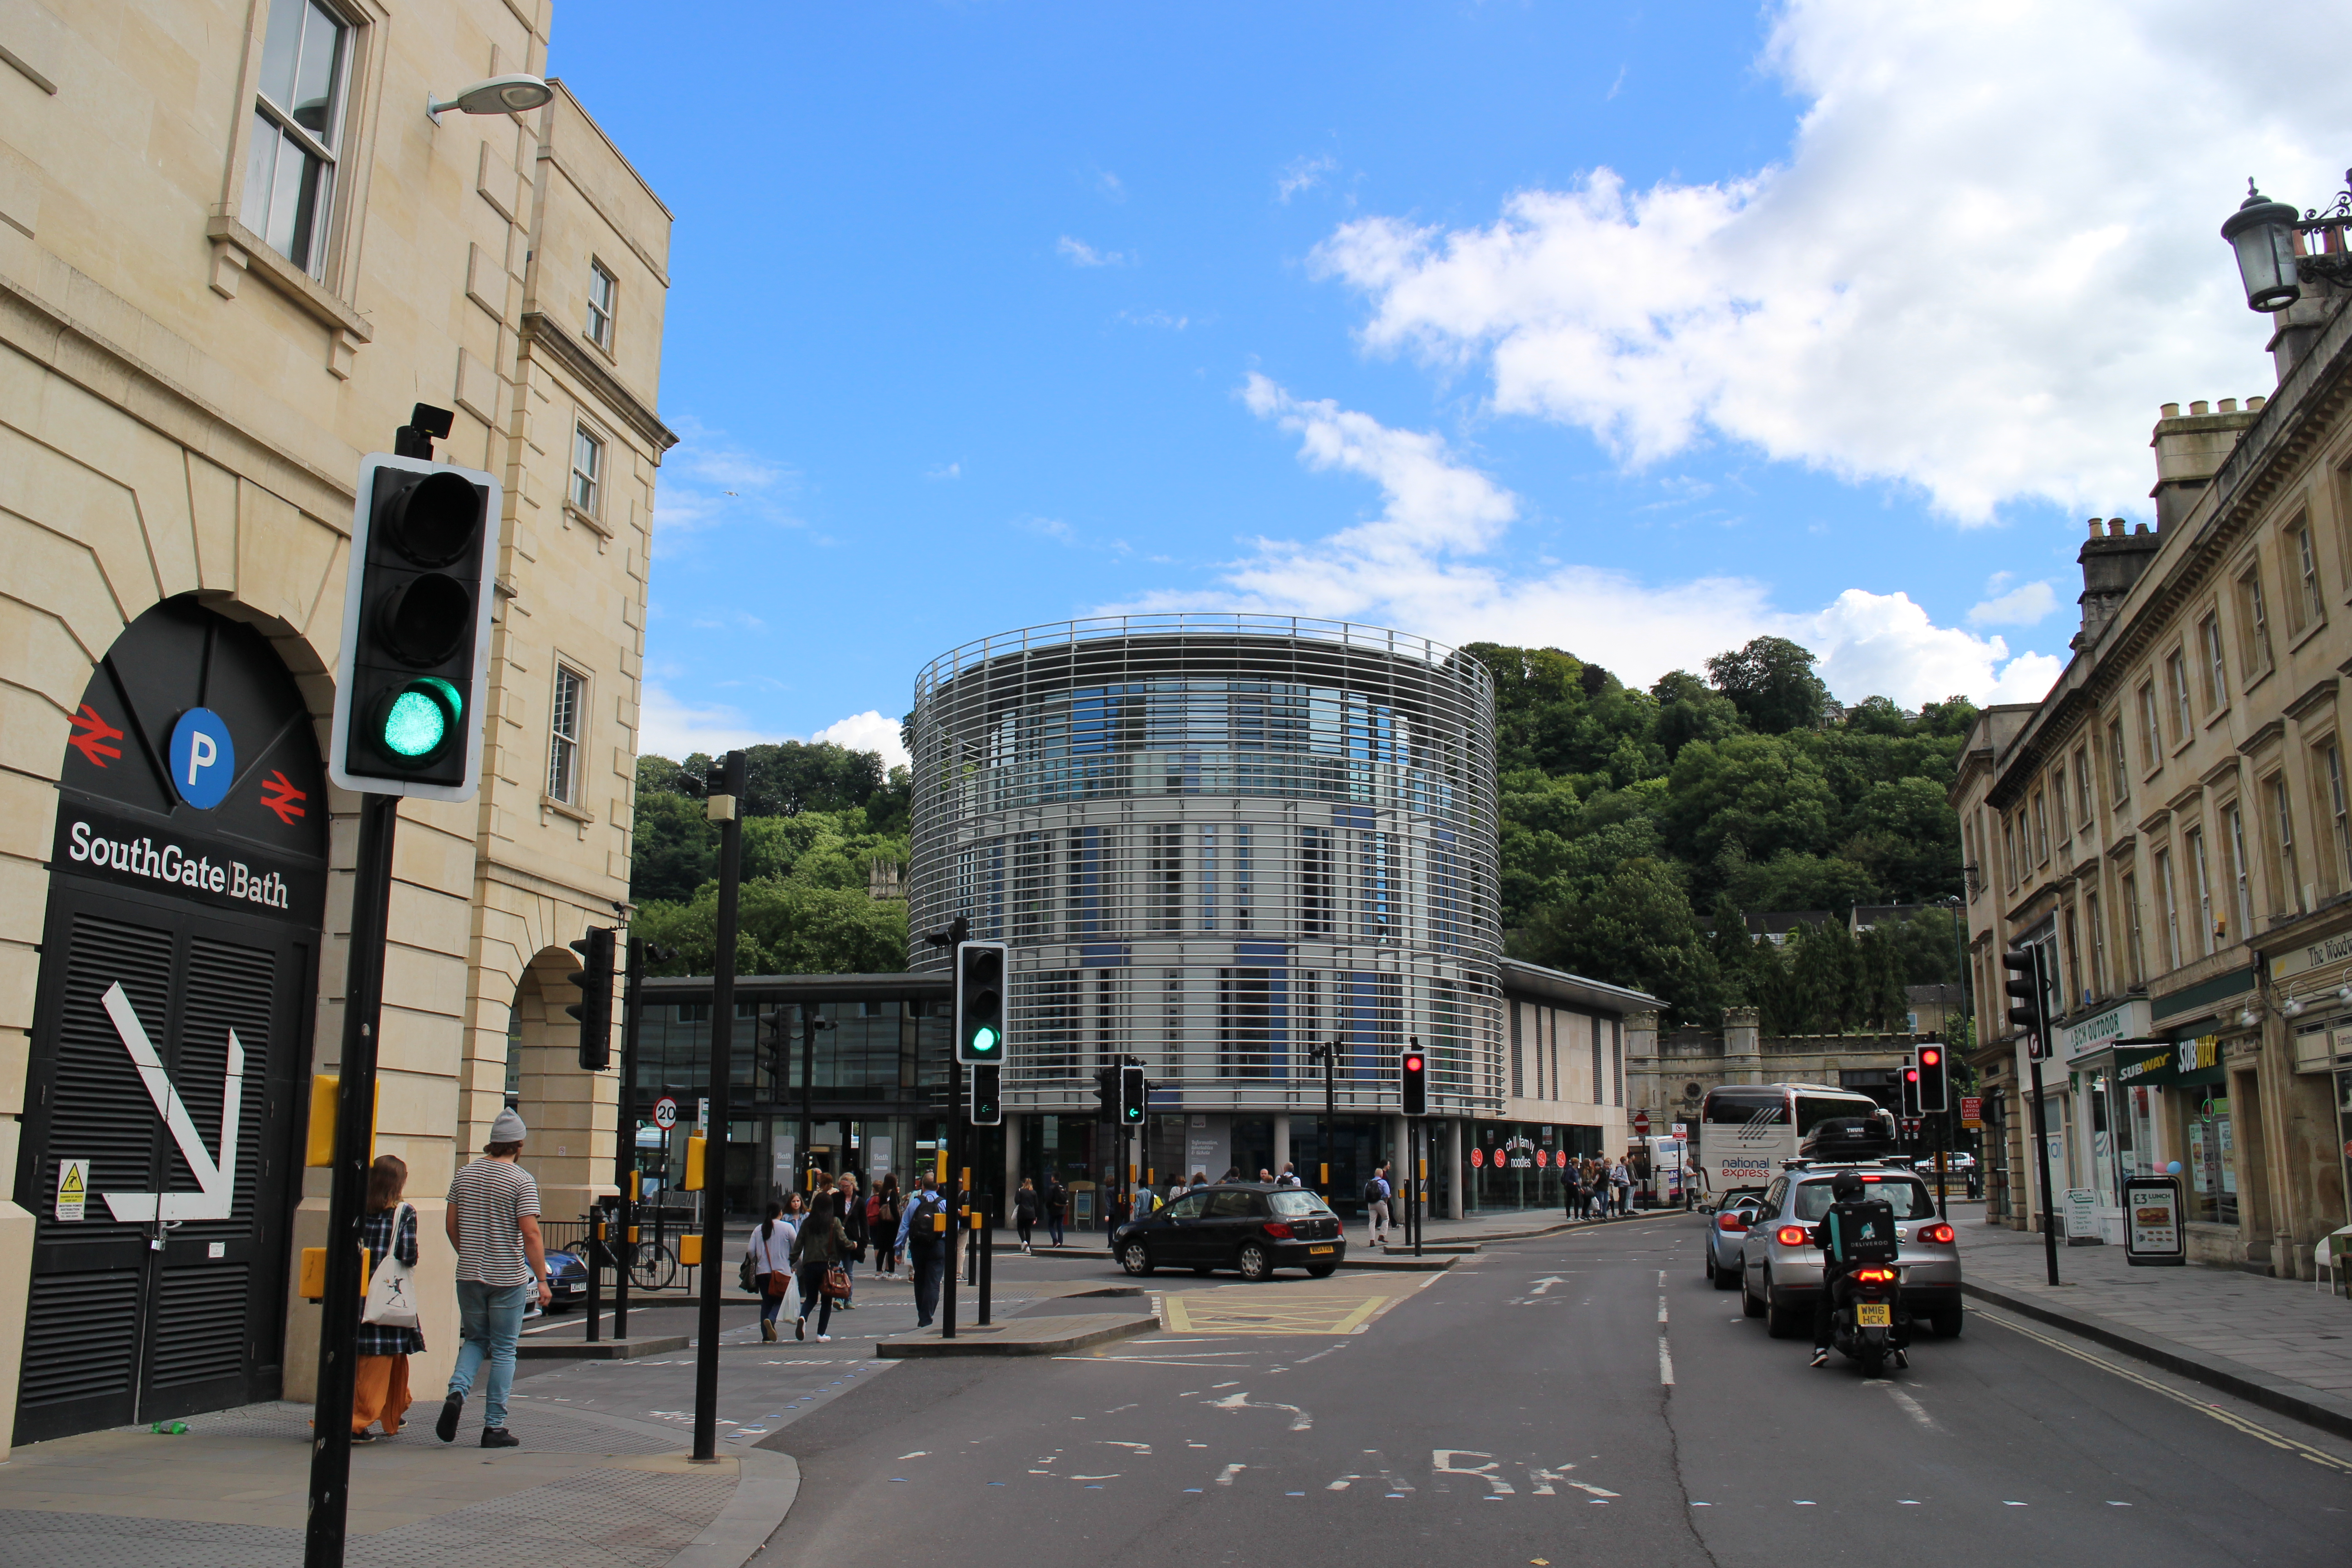 听闻巴斯是英国最干净的城市, 是不是因为它有这个国家最古老的浴池?短短住了一晚,傍晚到,第二天中午就离开,我却喜欢上它了。市中心很热闹,人们坐在街边喧哗着喝茶品咖啡,拐角就很清静;有连锁的超市和商场,也有很多独门独户开在街边的英国本土品牌的服装店,都特别有范儿!